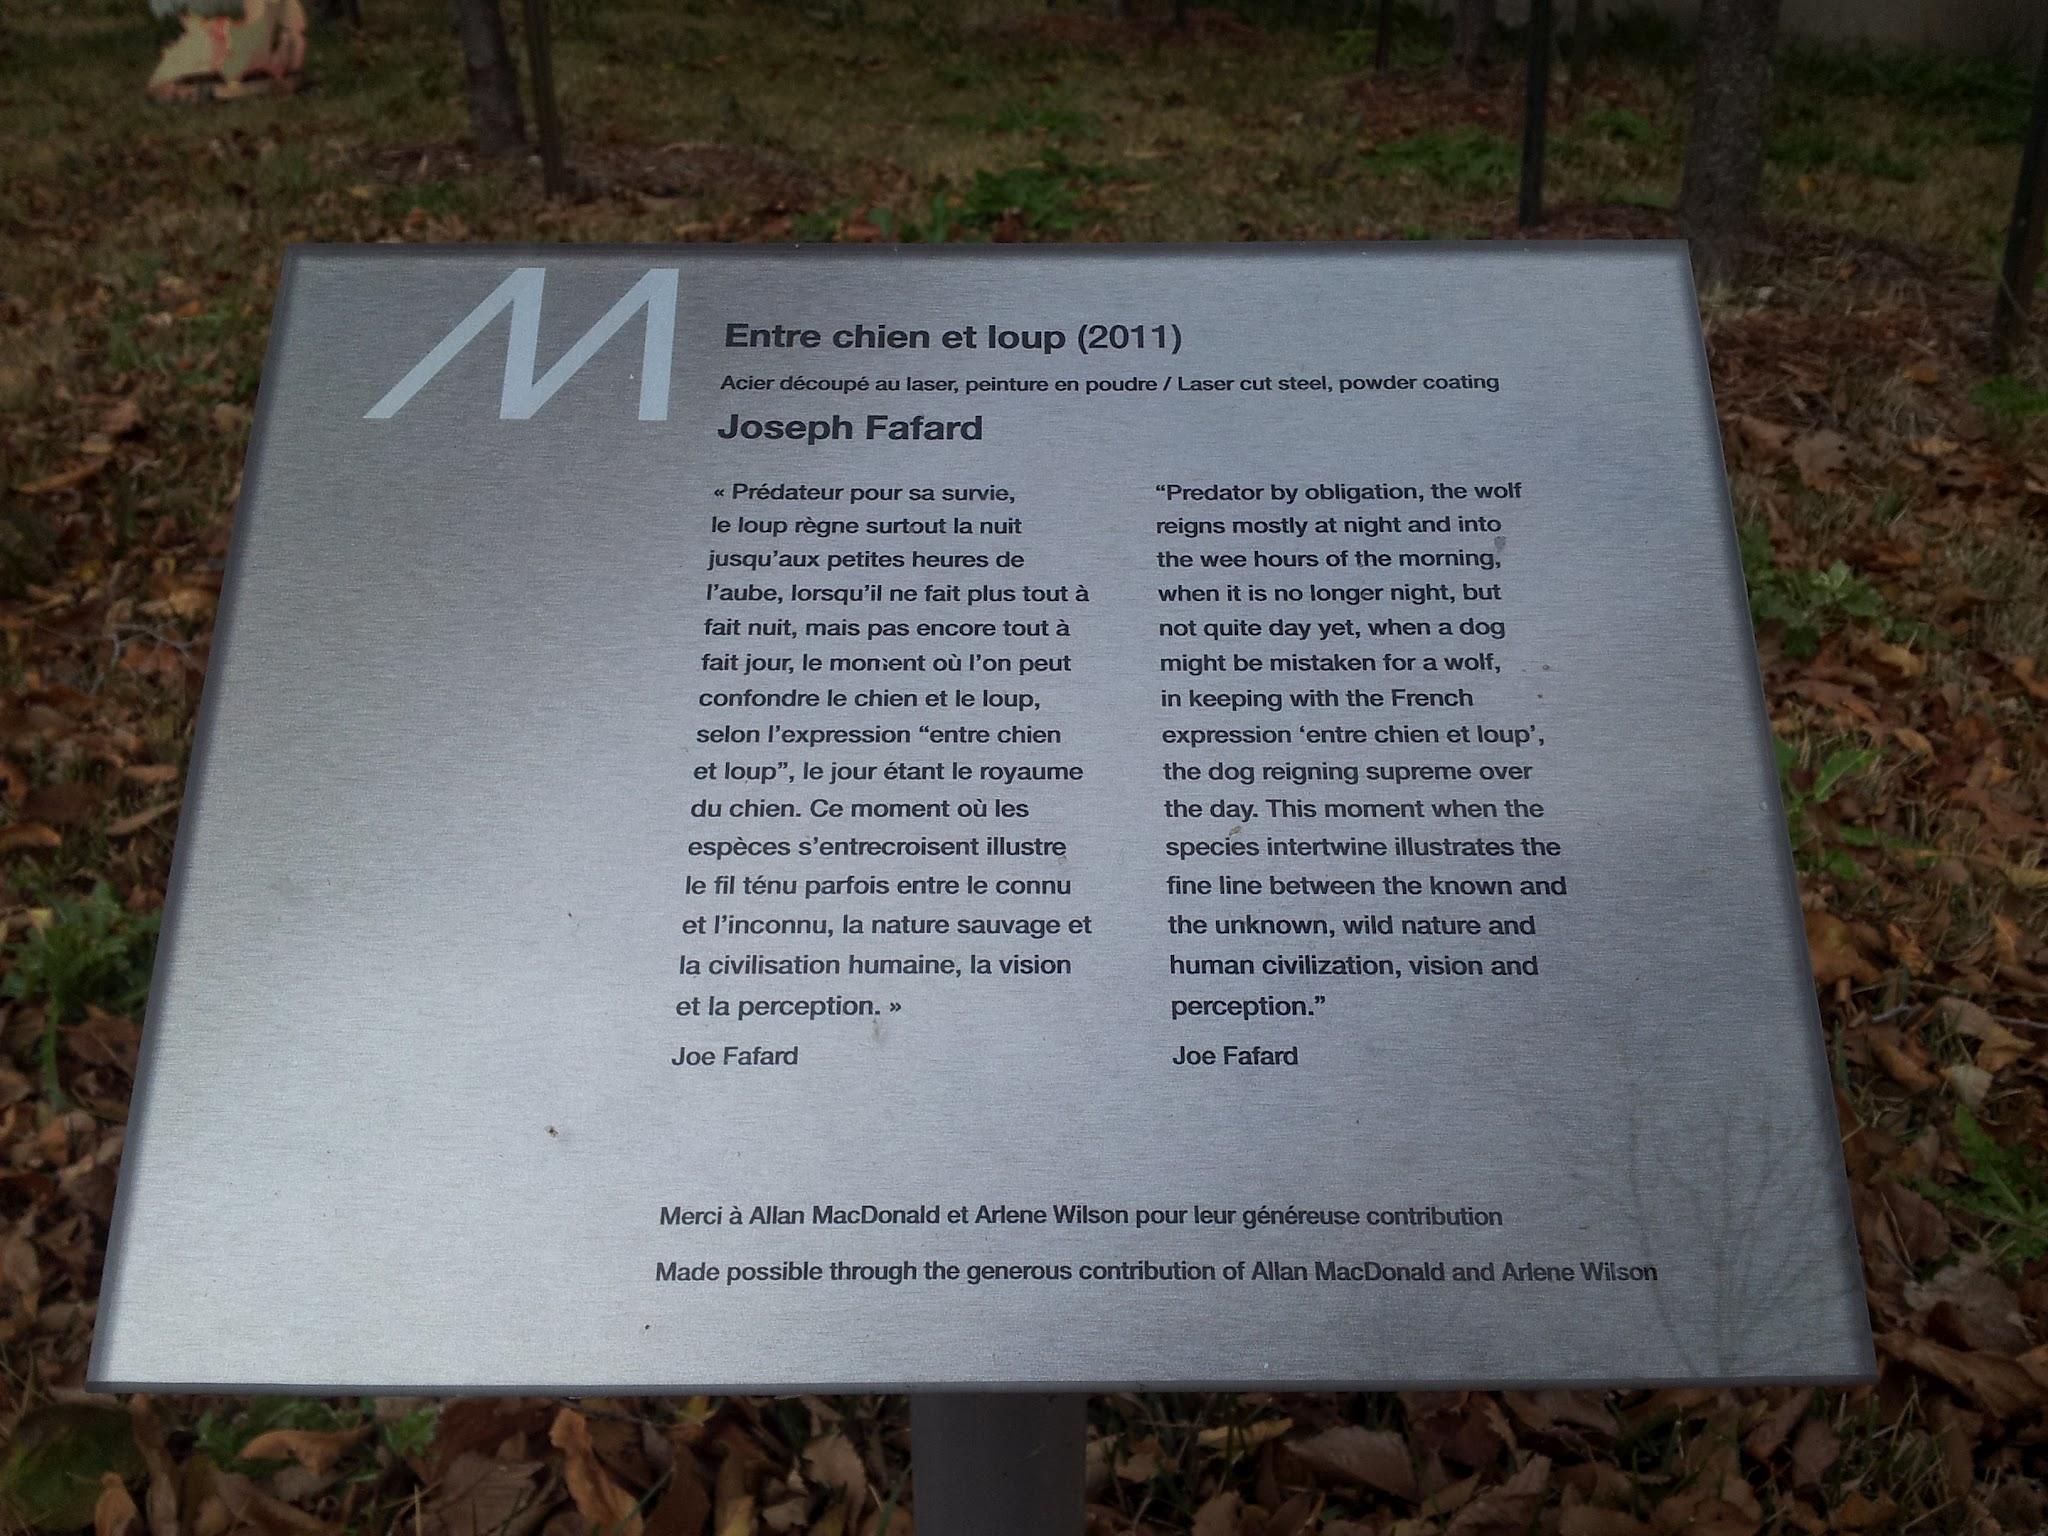 Filesignage For Entre Chien Et Loup Public Art Piece At